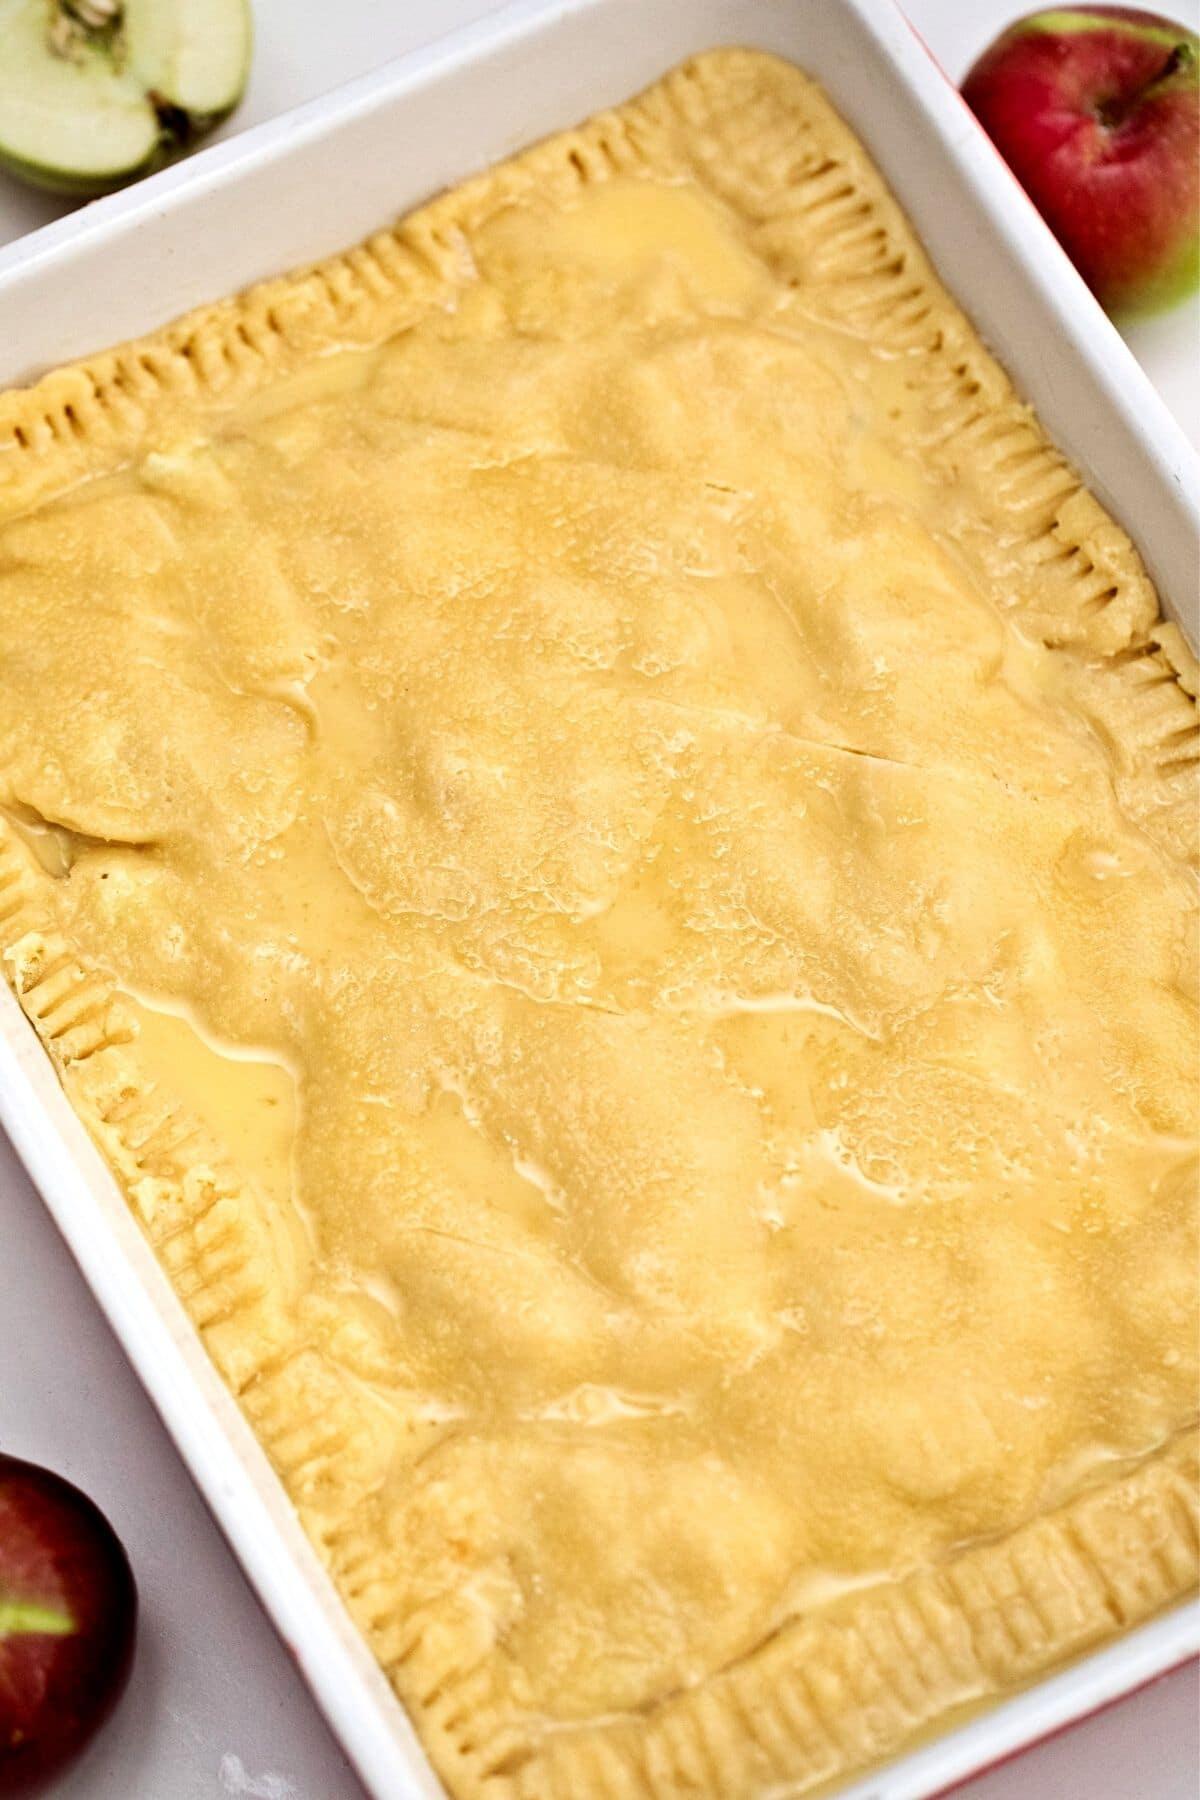 Crust in baking dish